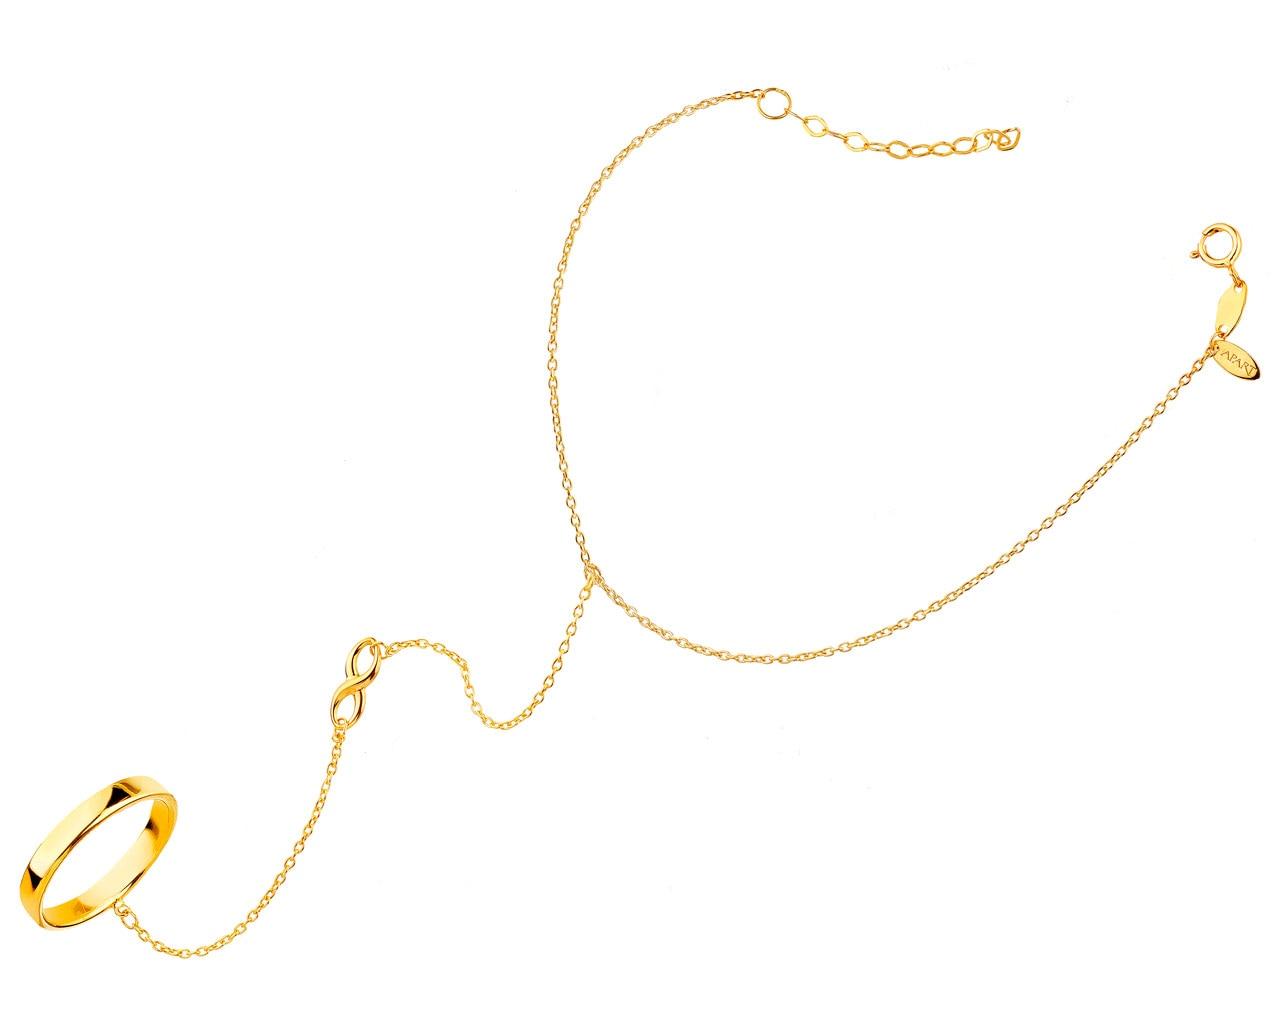 16f4a6a5705671 Złota bransoleta na palec - wzór AP126-0342 / Apart